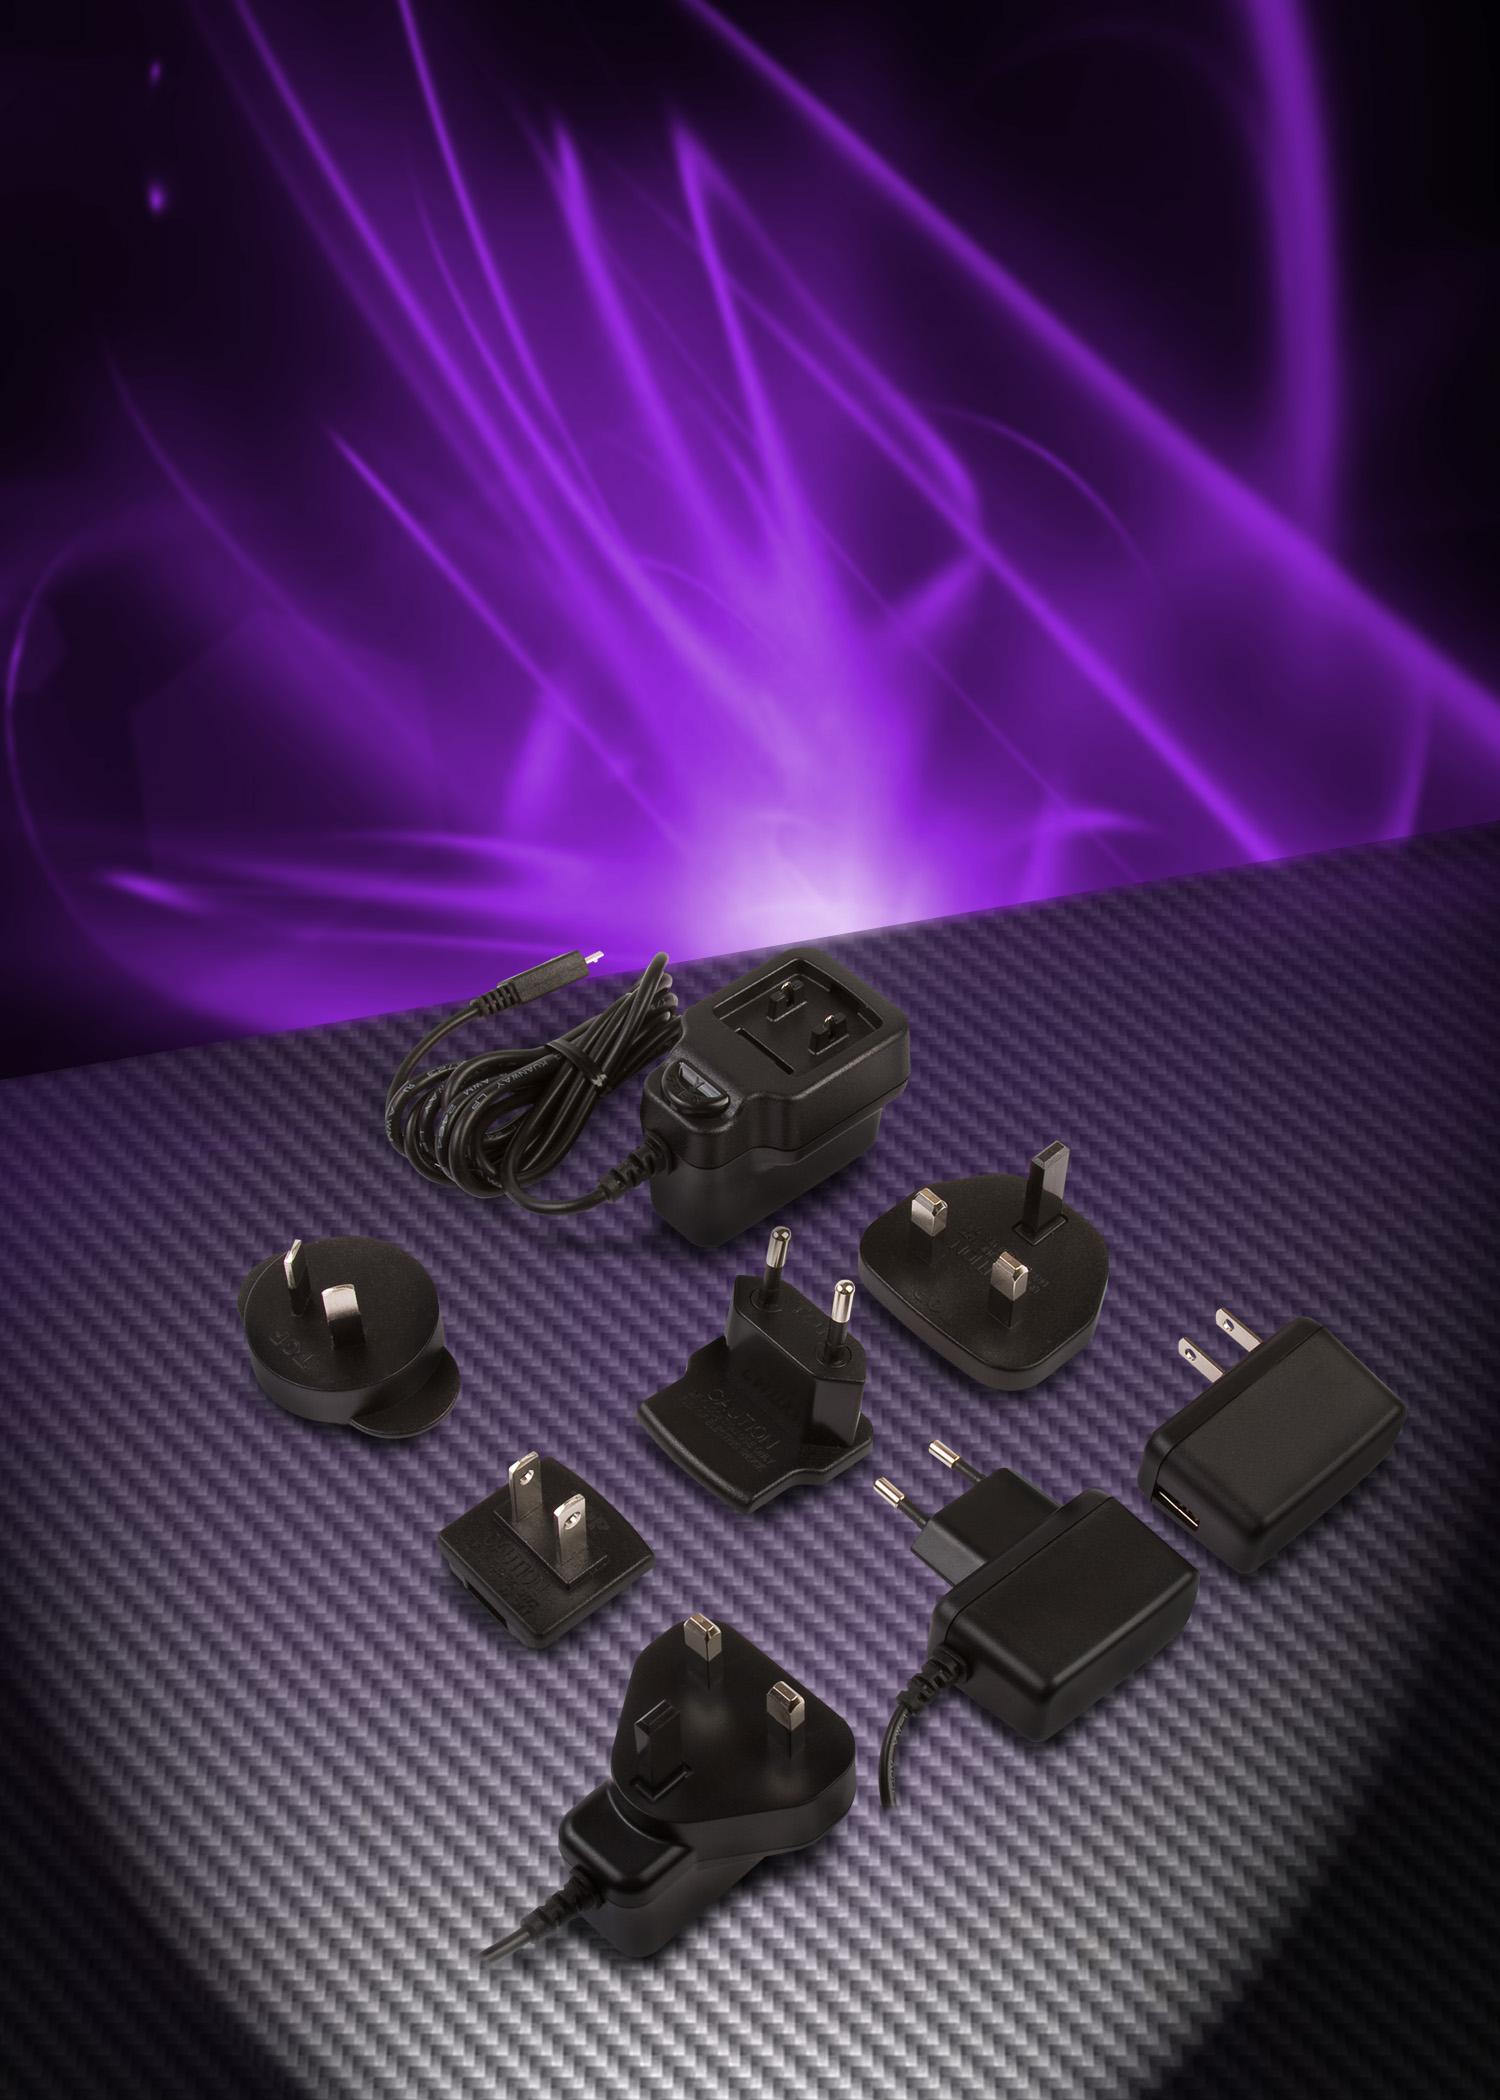 XP Power: источники питания со встроенными сетевыми соединителями